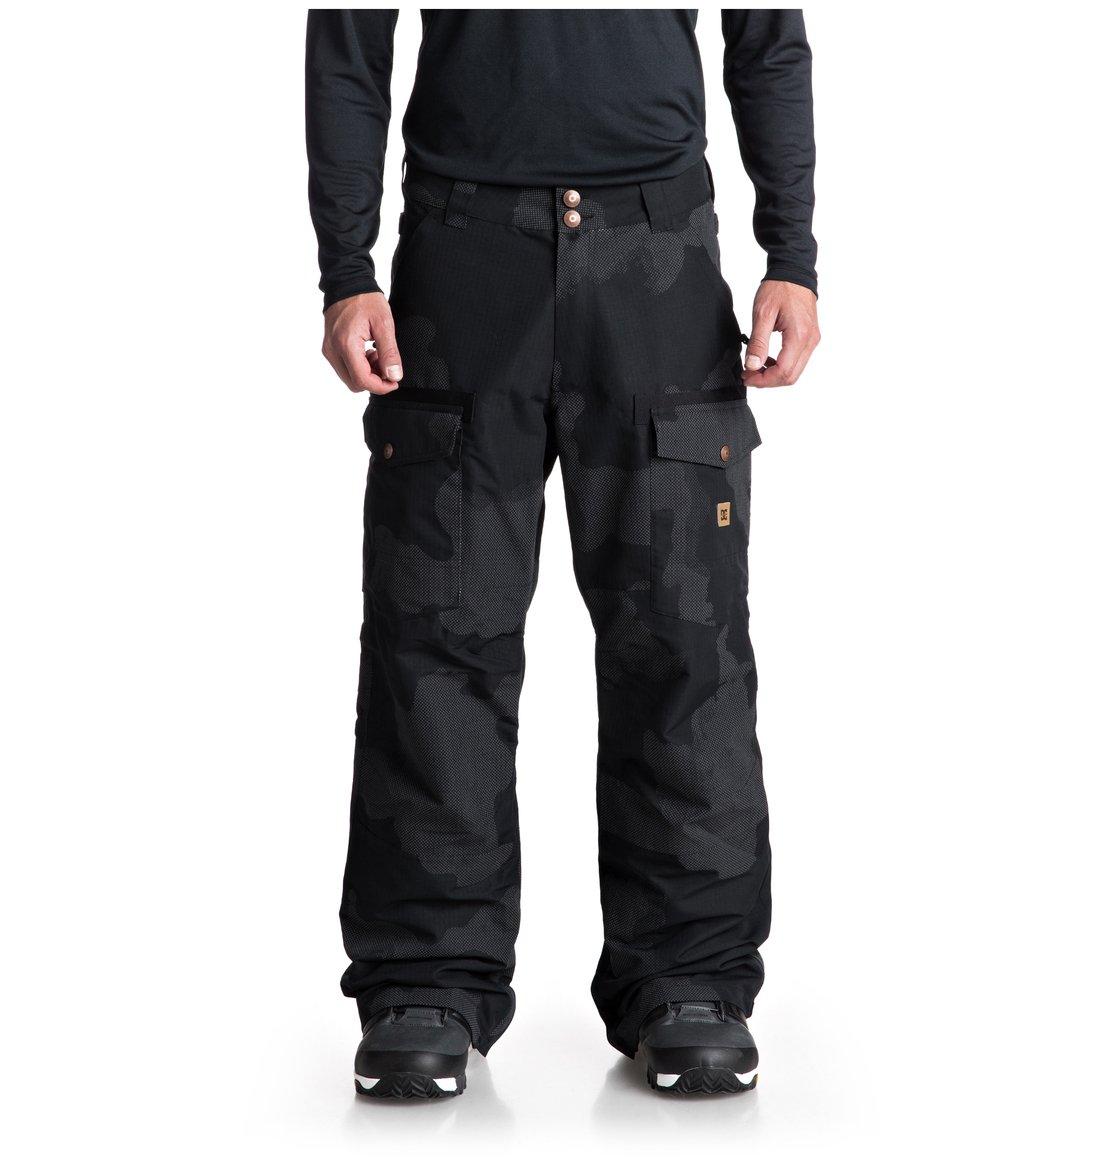 Hombre EDYTP03038 Shoes para Pantalón SE Negro nieve Code para DC 0 shell xTH0wSzq